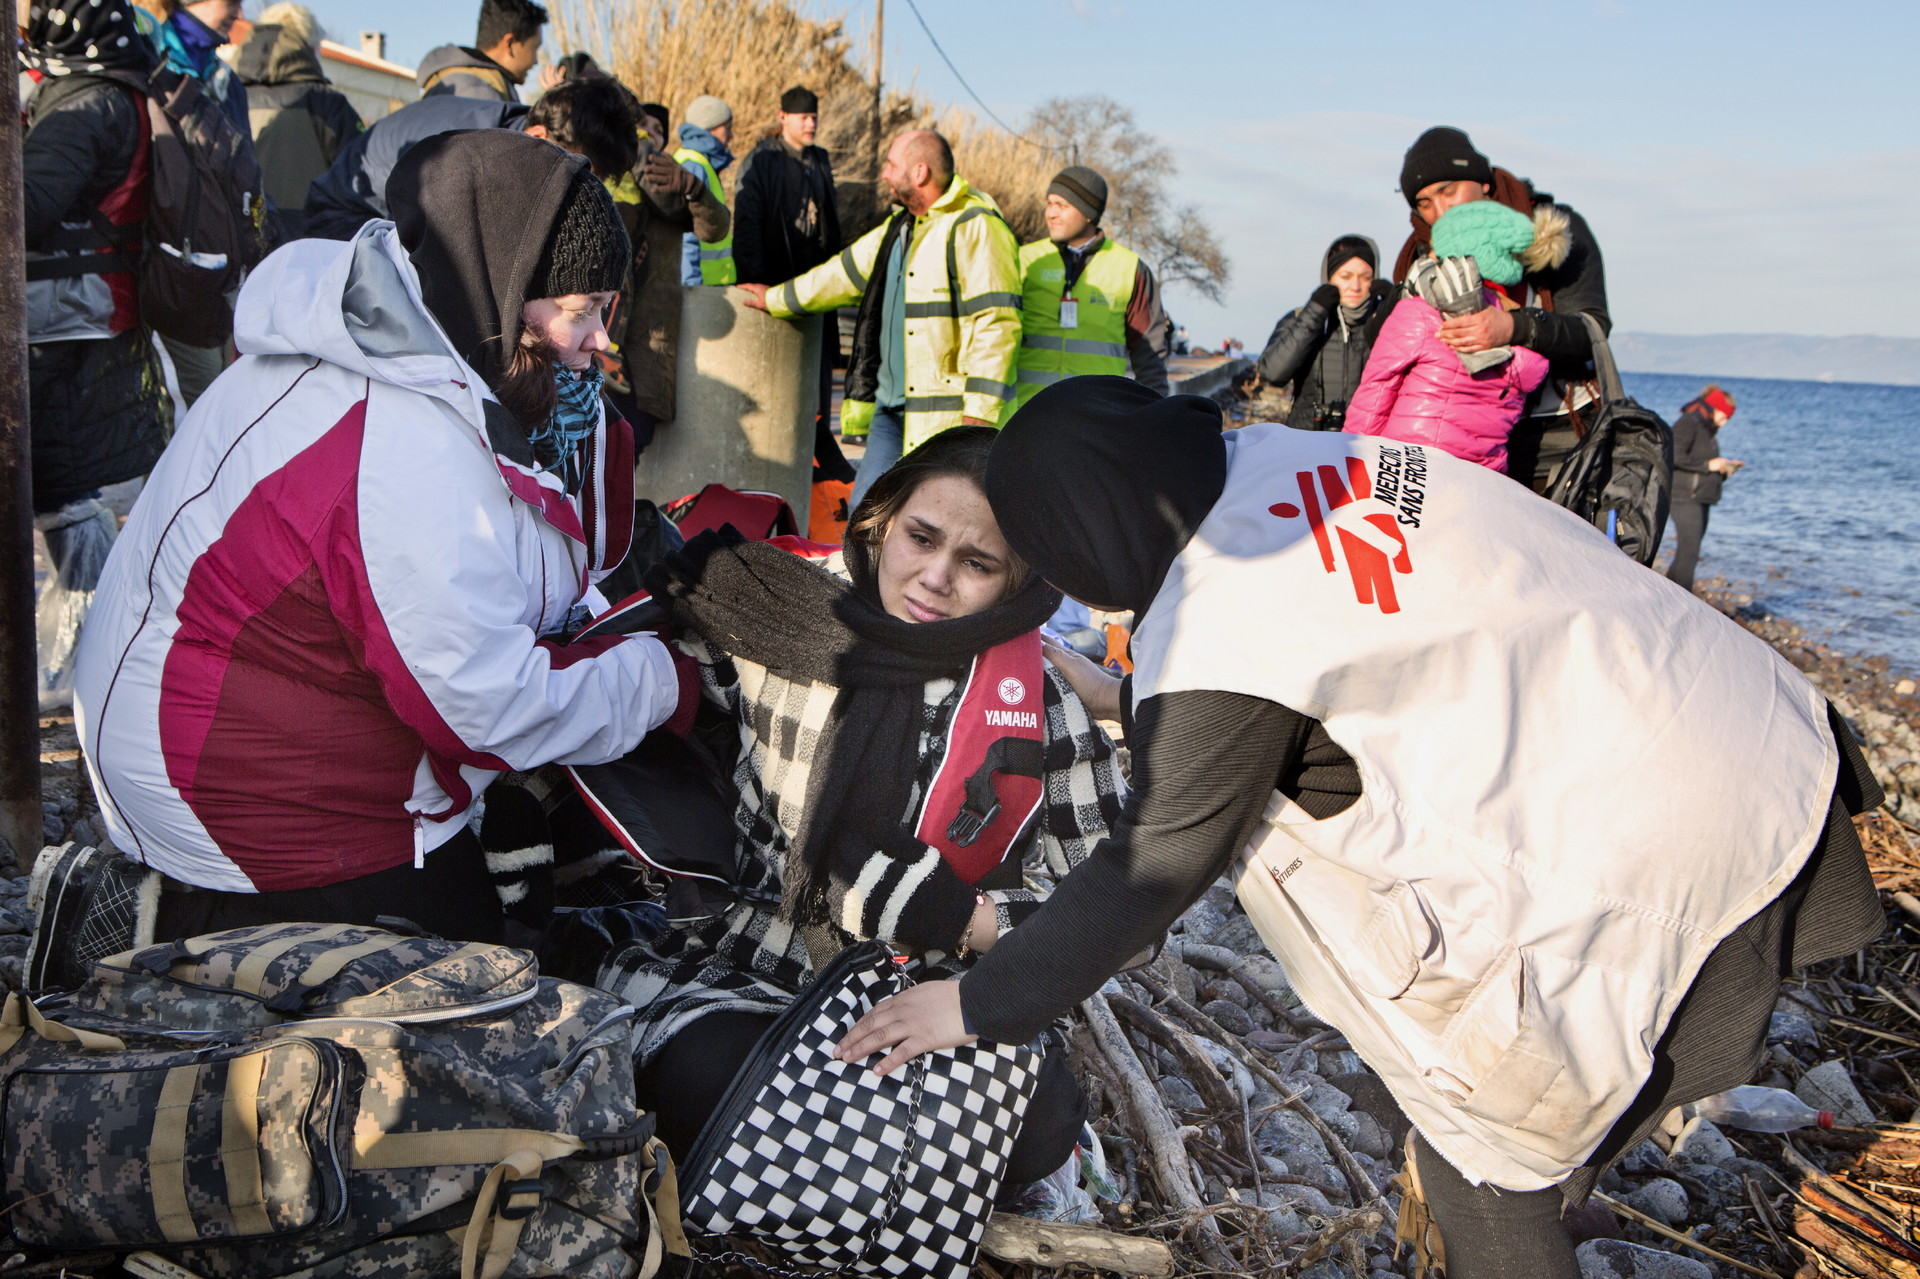 Una mediadora cultural atiende a una mujer que acaba de llegar a la isla griega de Lesbos tras cruzar el Mar Egeo.